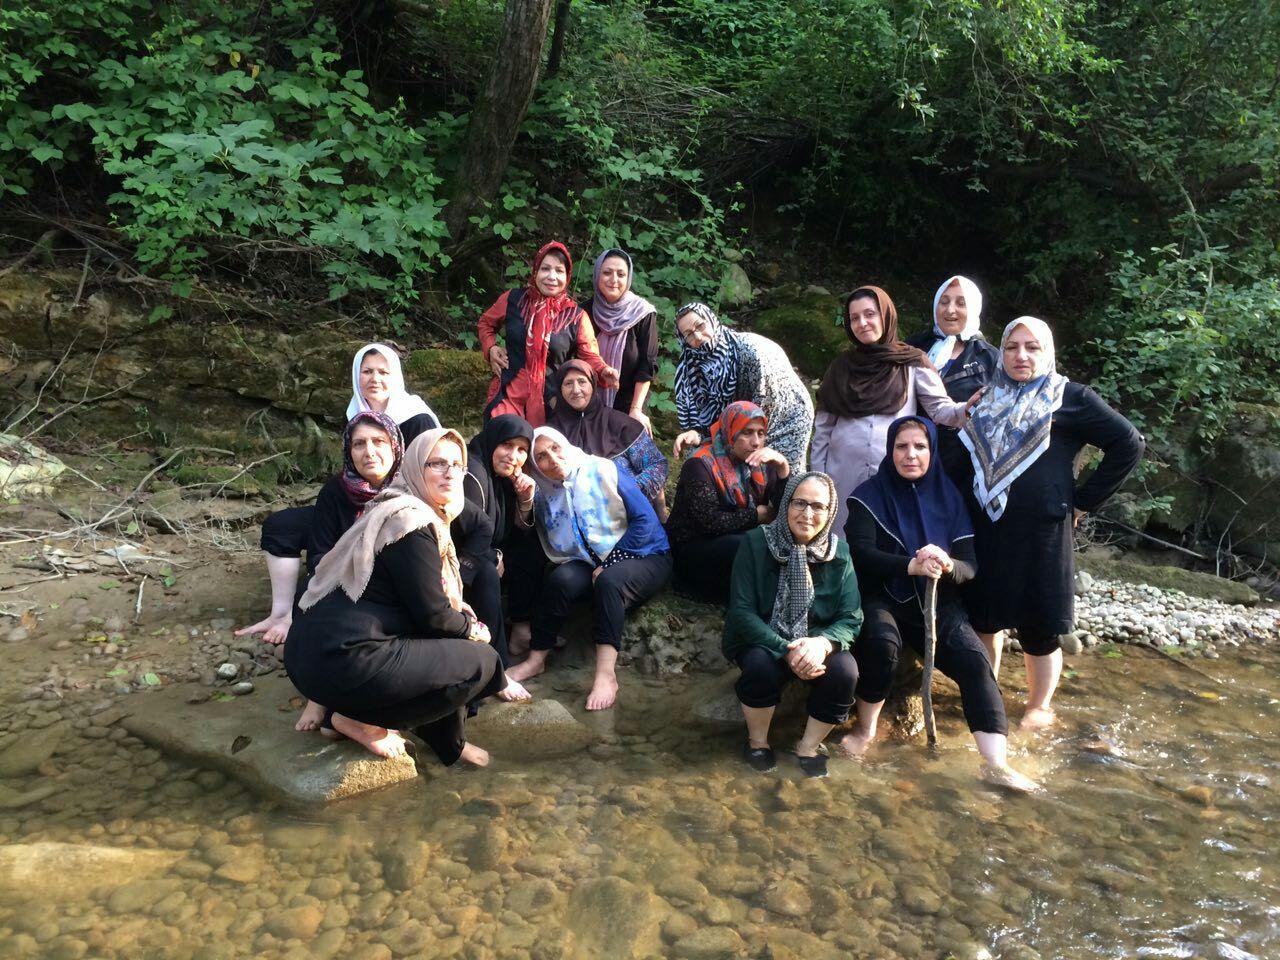 سفر تابستانی آب درمانی در رودخانه جنگلی مازندران بابلکنار